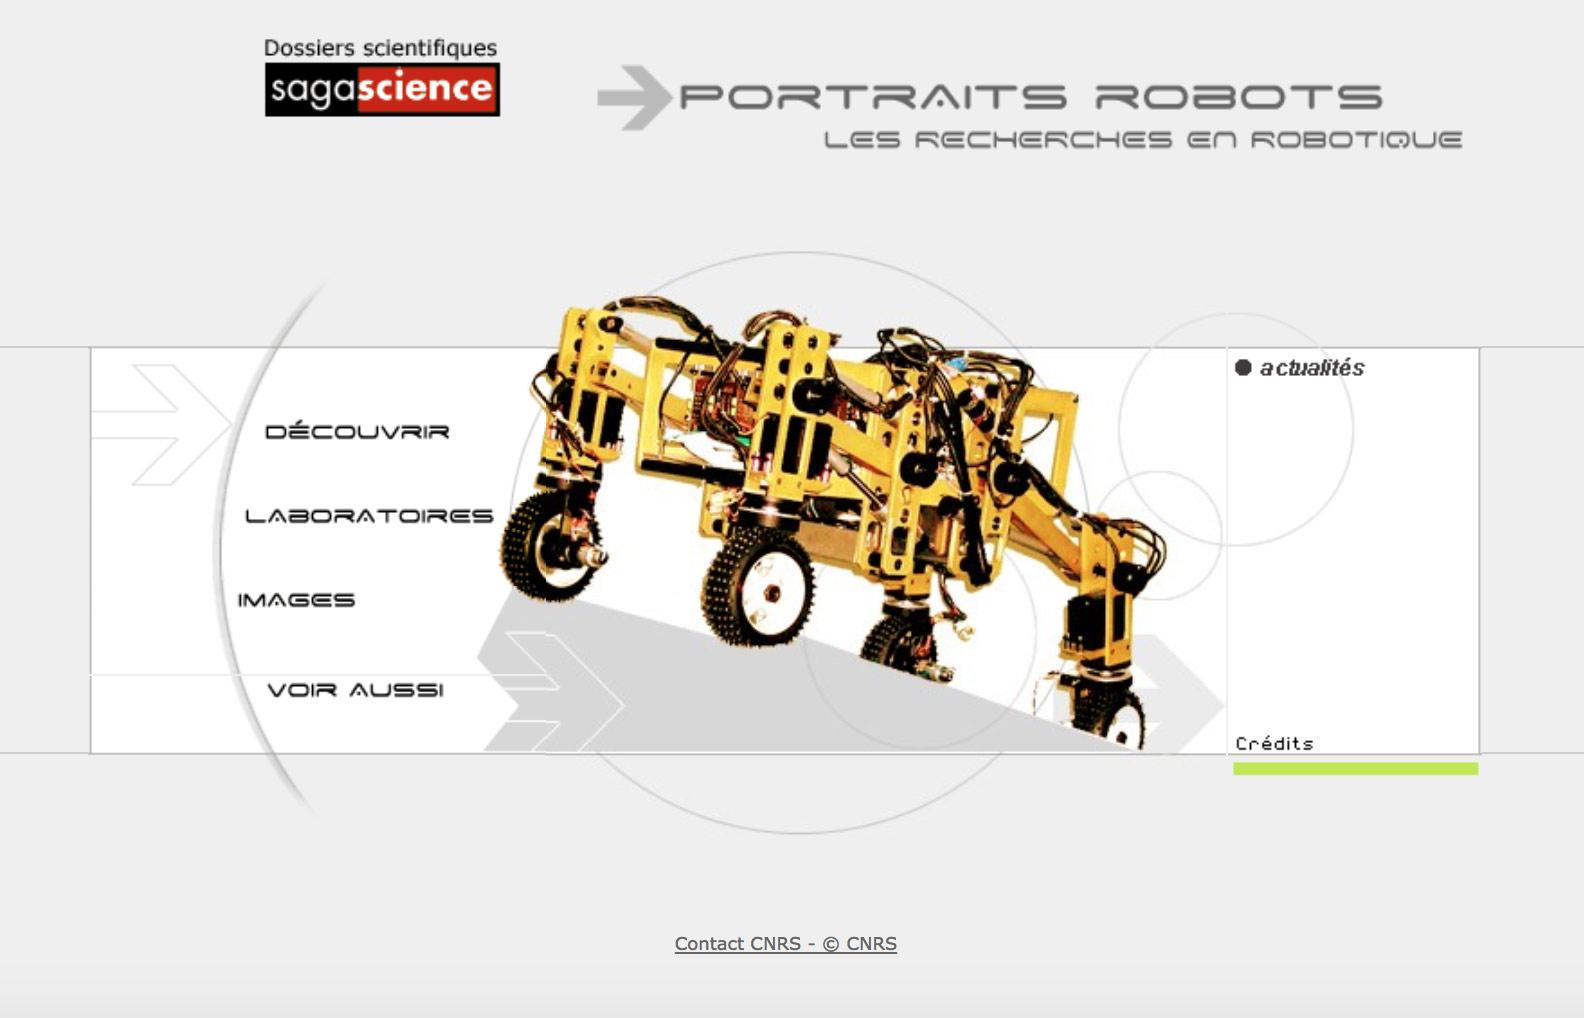 Image Portraits robots